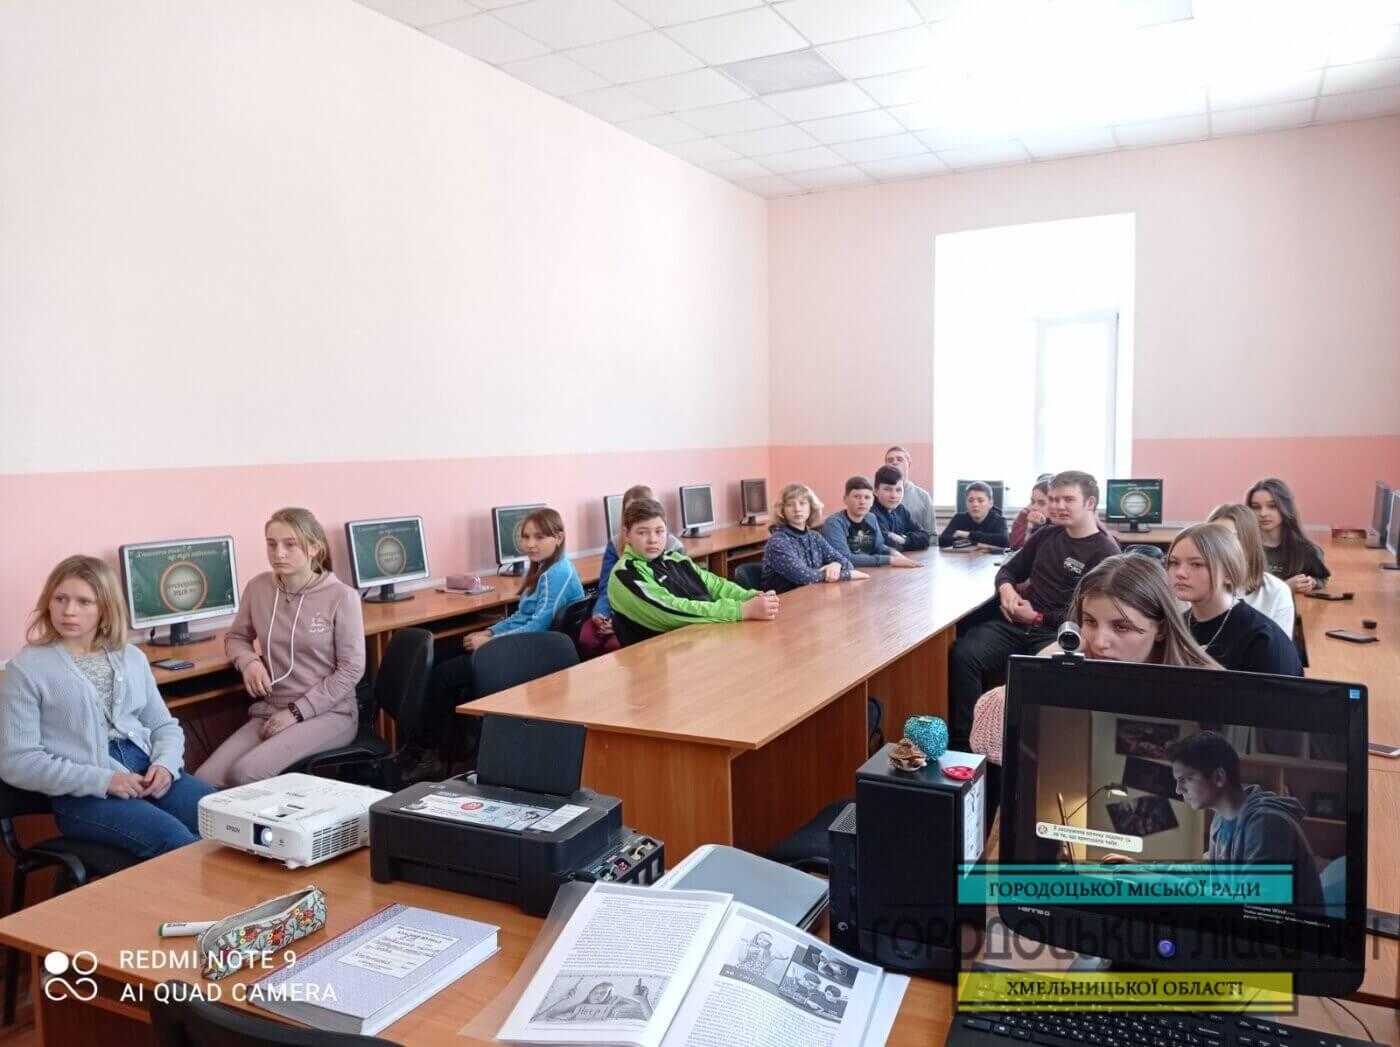 zobrazhennya viber 2021 02 23 15 06 383 1400x1047 - «Інтимні селфі в Інтернеті — жарт чи небезпечний ризик?»